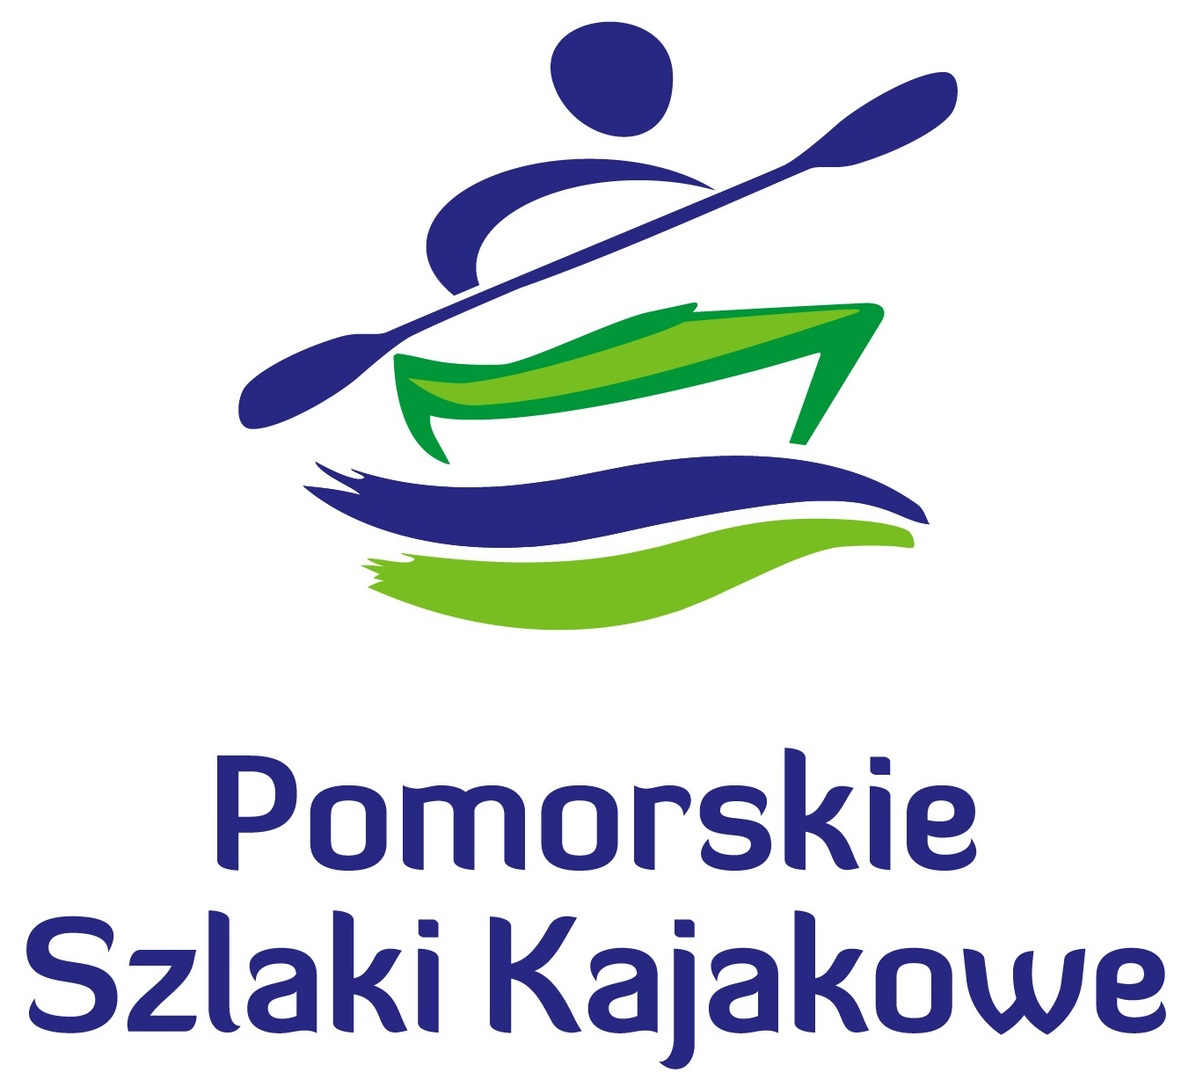 logo Pomorskie Szlaki Kajakowe [1360x1228]